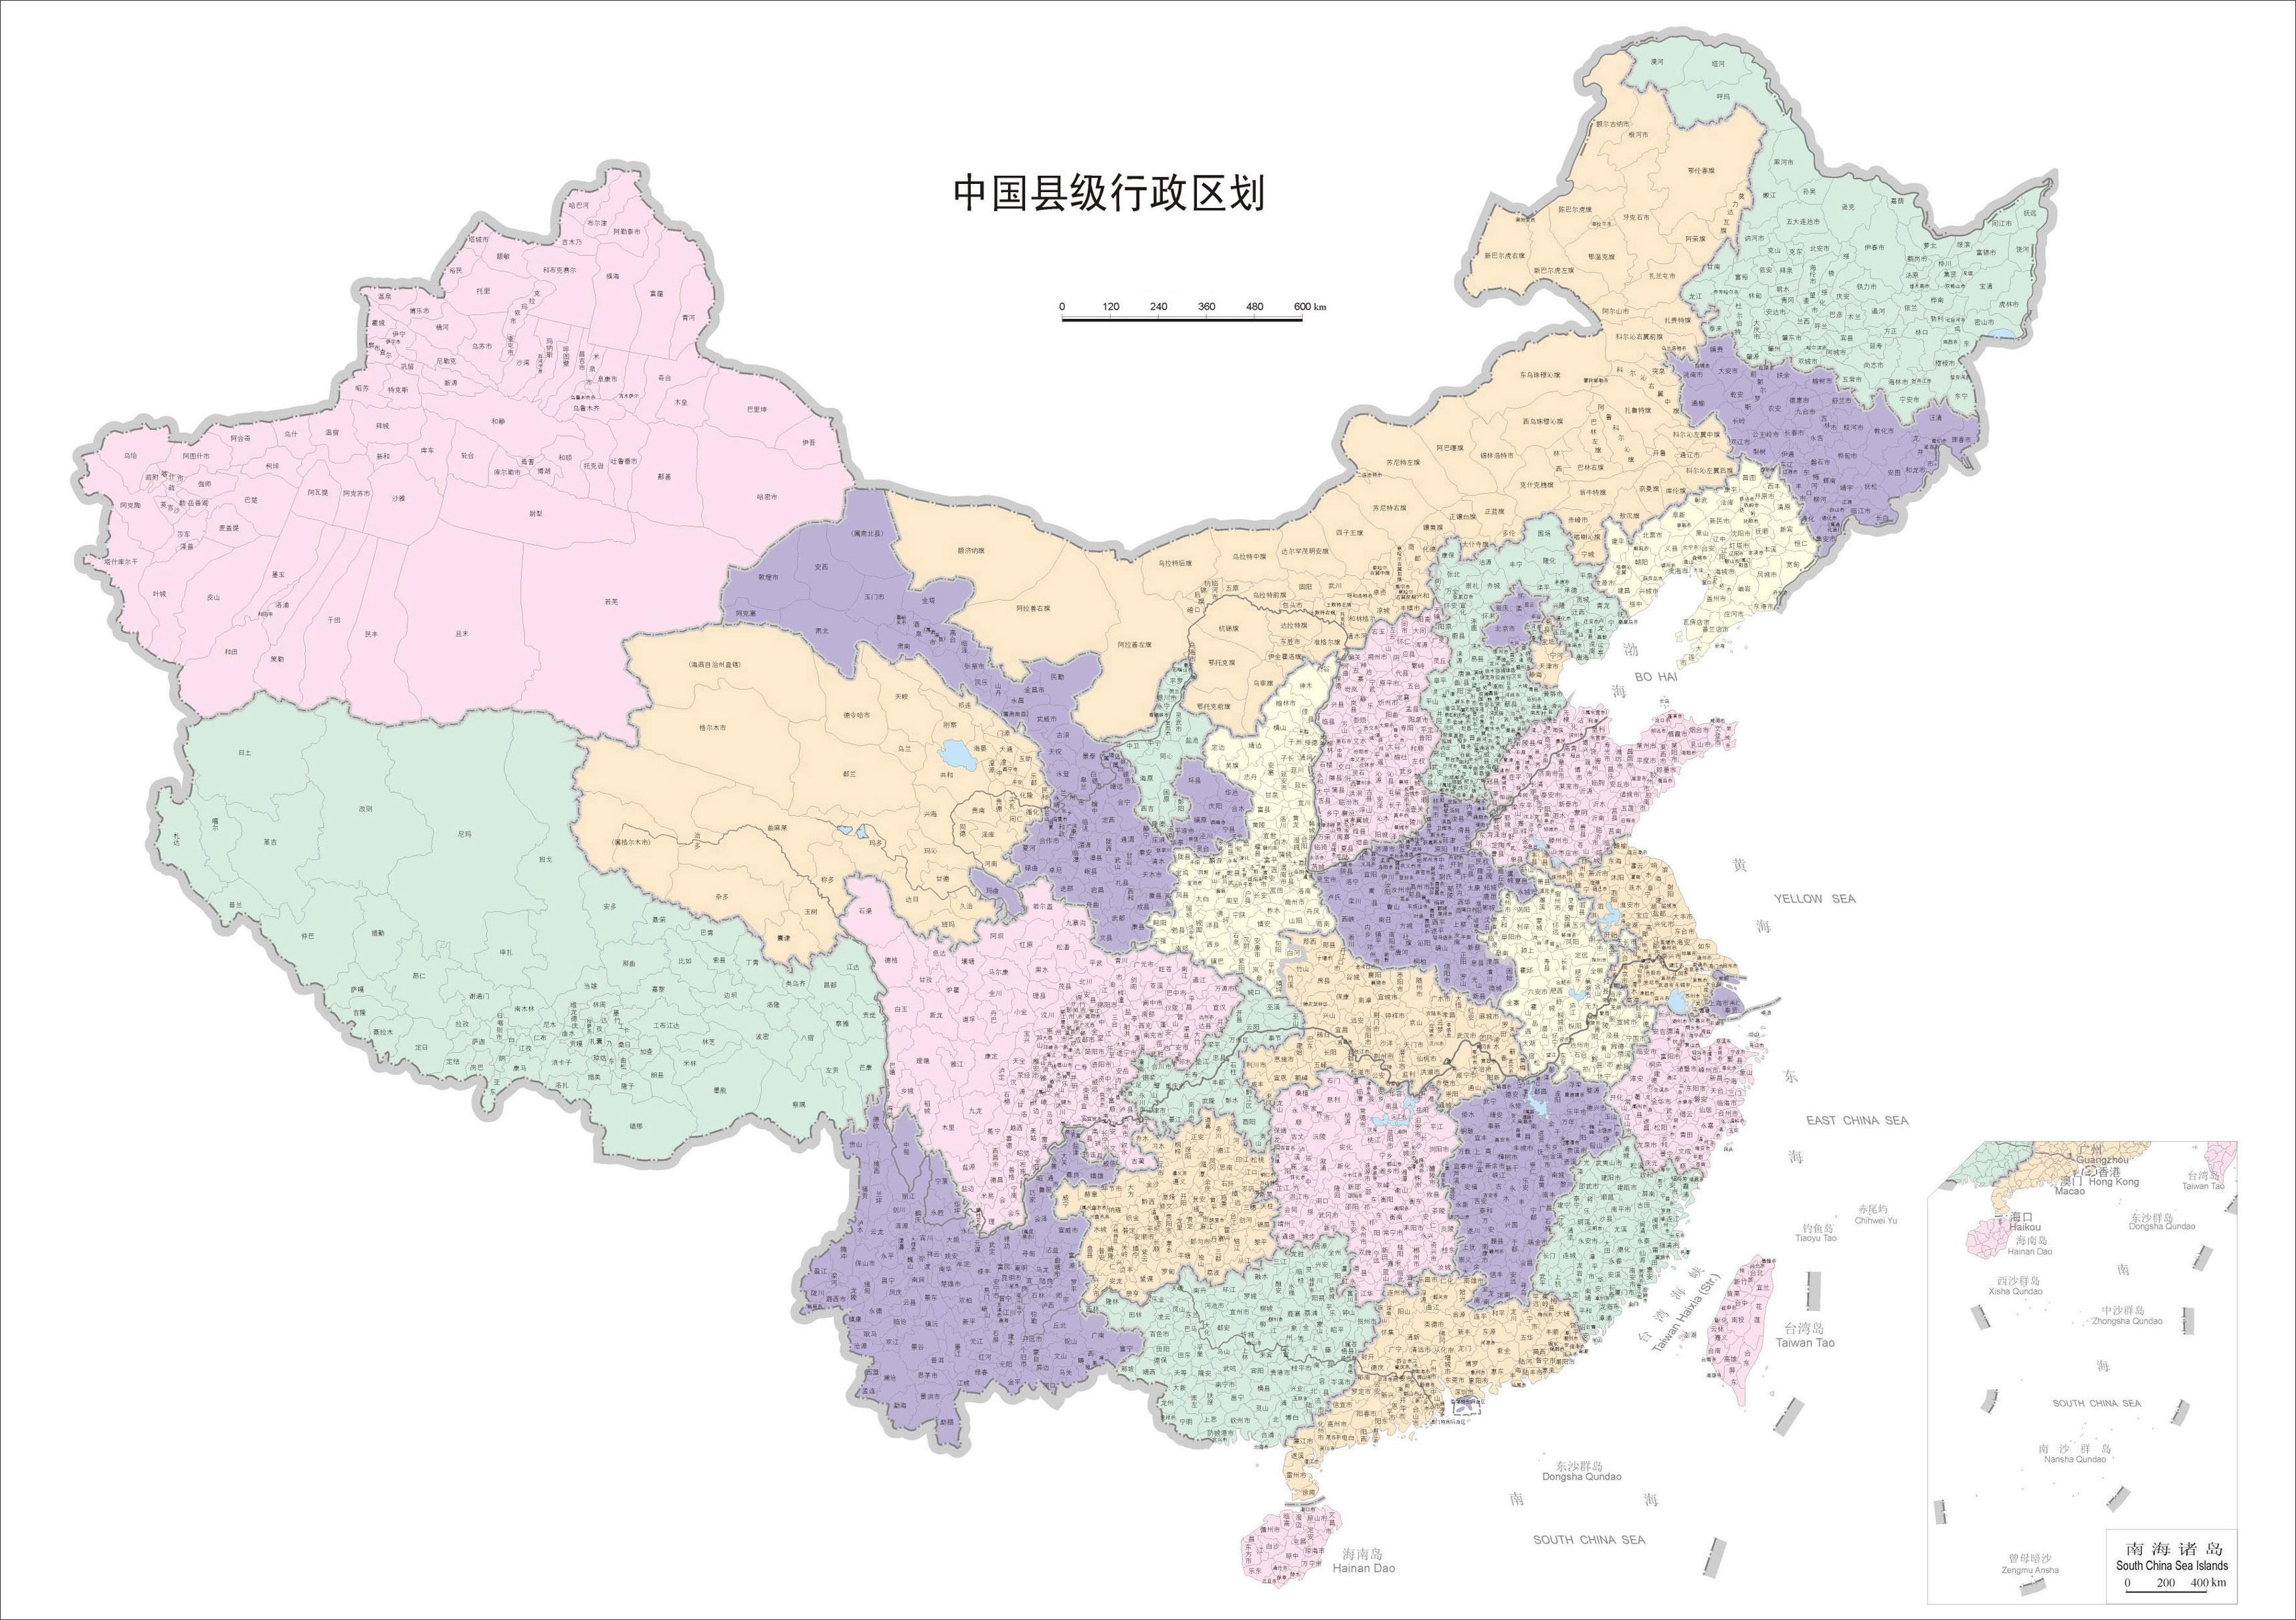 大连行政区域划分地图-中国行政区划图 县级图片